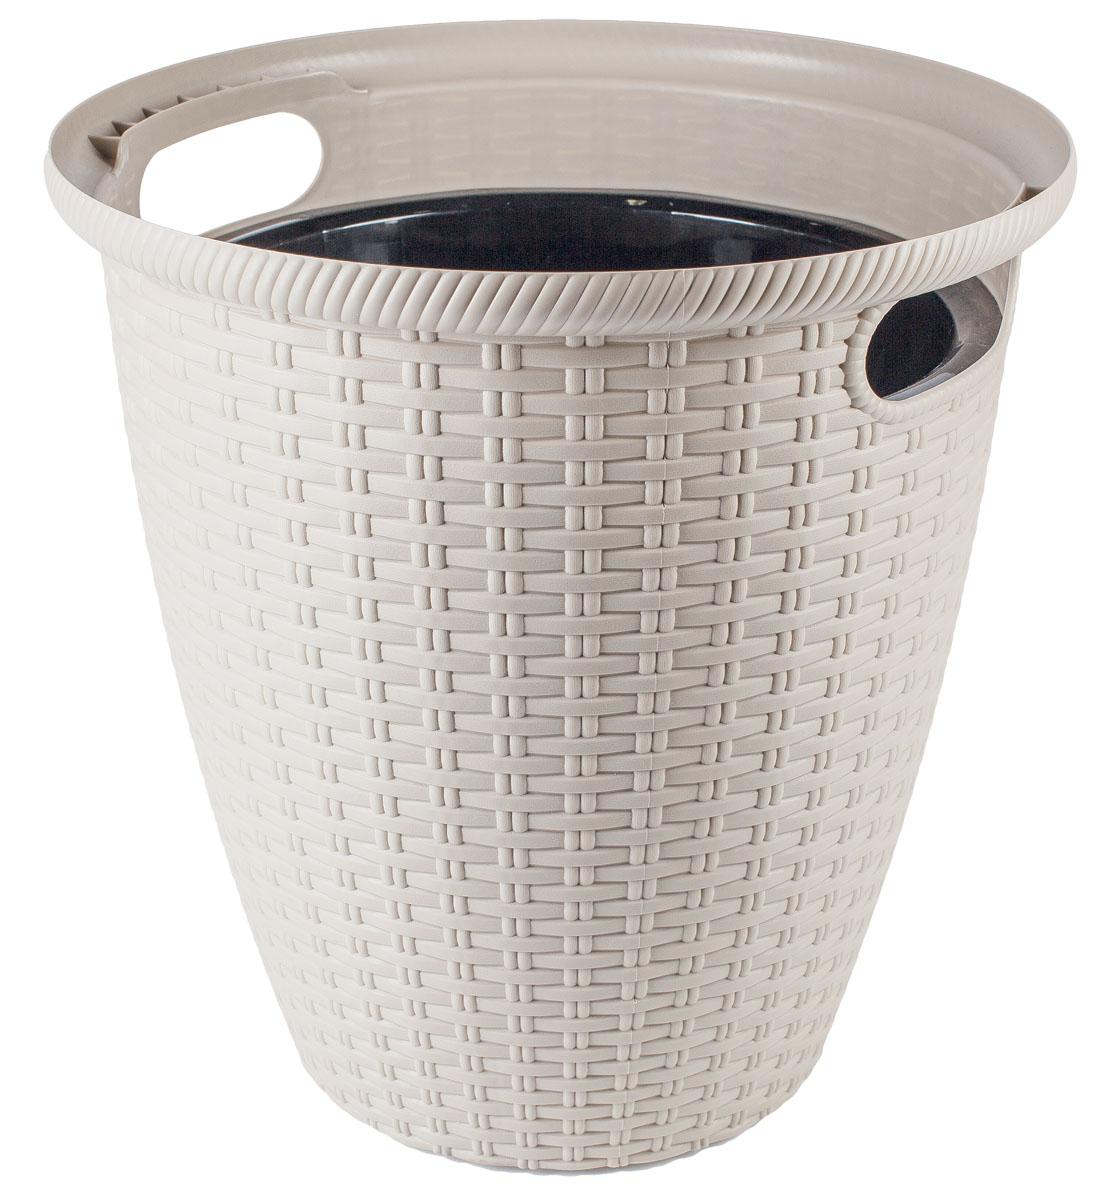 Кашпо InGreen Ротанг, напольное, цвет: слоновая кость, диаметр 32,8 см531-401Кашпо InGreen Ротанг изготовлено из высококачественного пластика с плетеной текстурой. Такое кашпо прекрасно подойдет для выращивания растений и цветов в домашних условиях. Лаконичный дизайн впишется в интерьер любого помещения. Размер кашпо: 32,8 х 32,8 х 33 см.